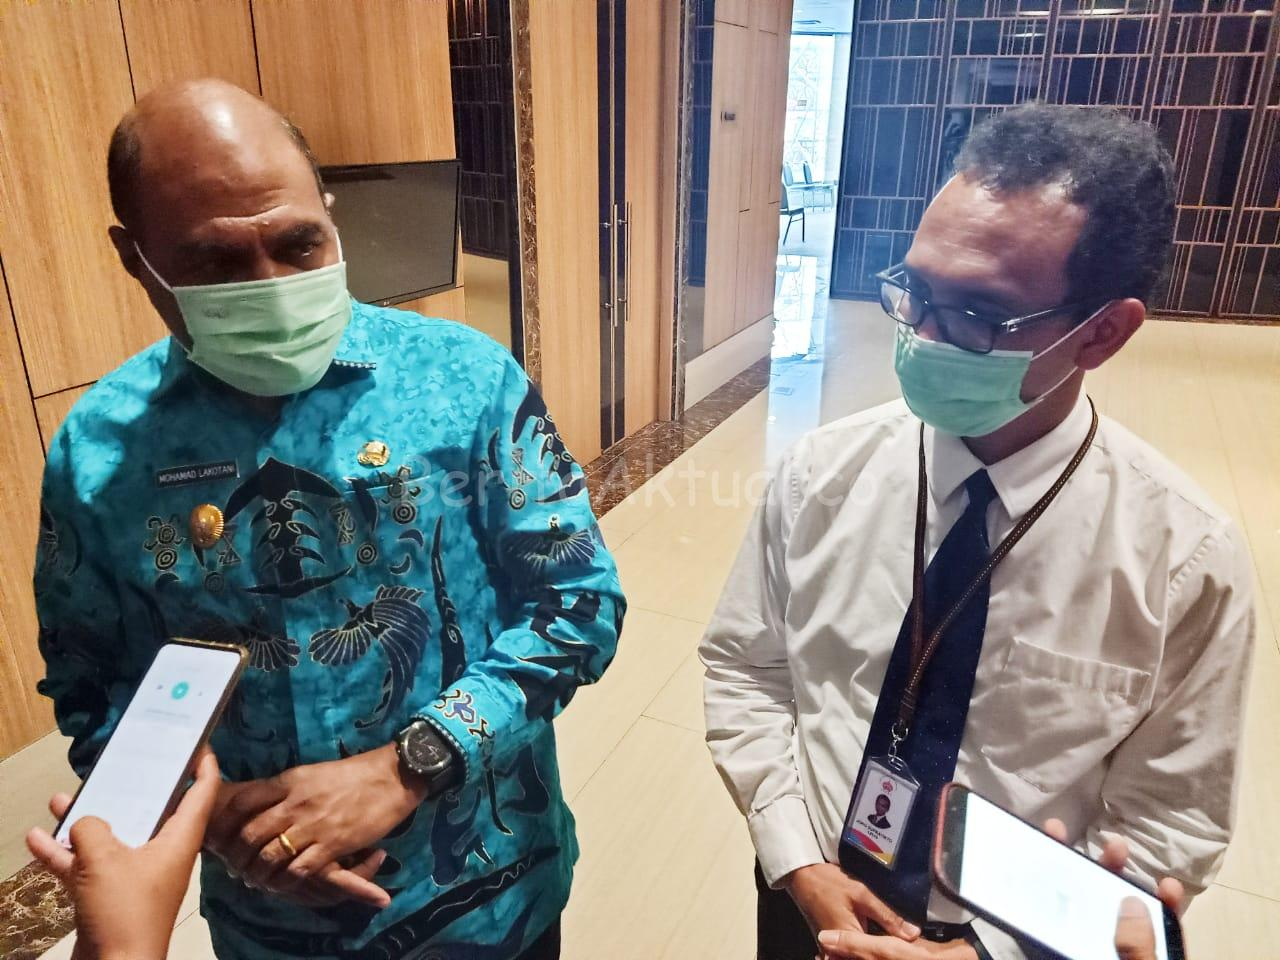 Wagub PB: Kita di Papua Barat Kurang Pasokan Bawang Merah Dan Bawang Putih 2 IMG 20200625 WA0019